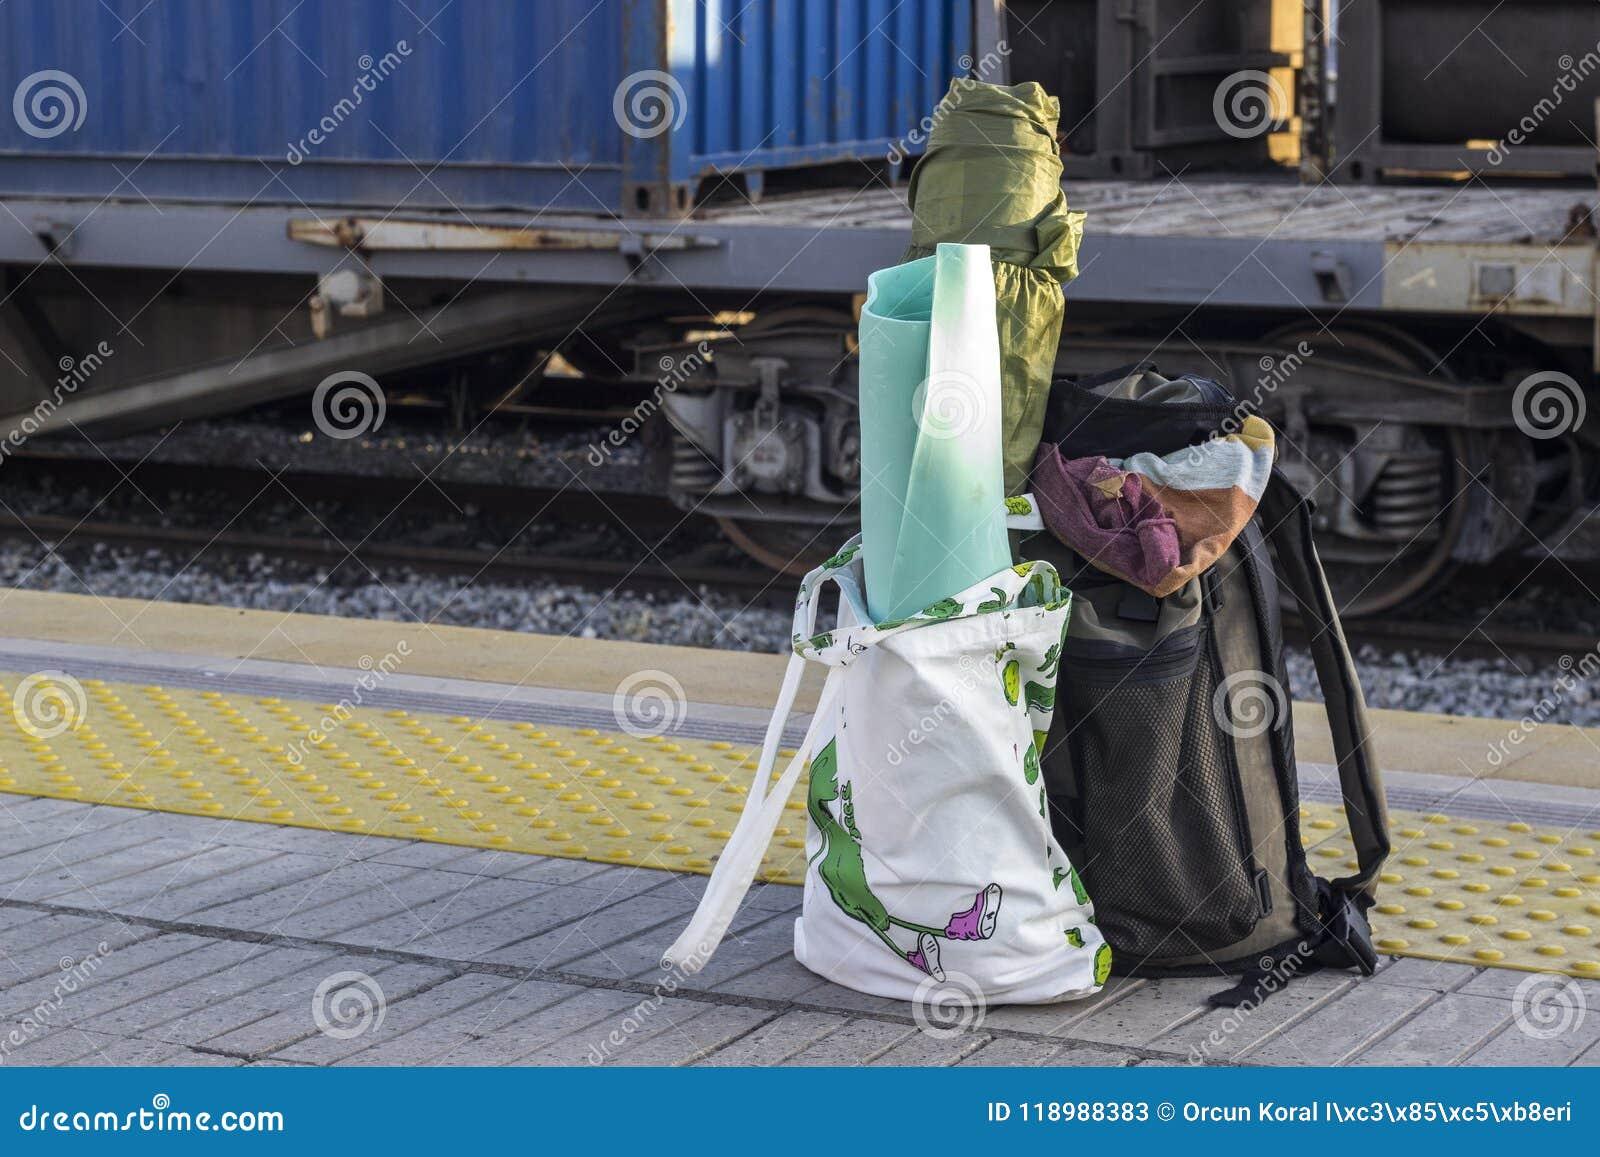 Apra la prospettiva sparata della borsa del viaggiatore alla stazione ferroviaria